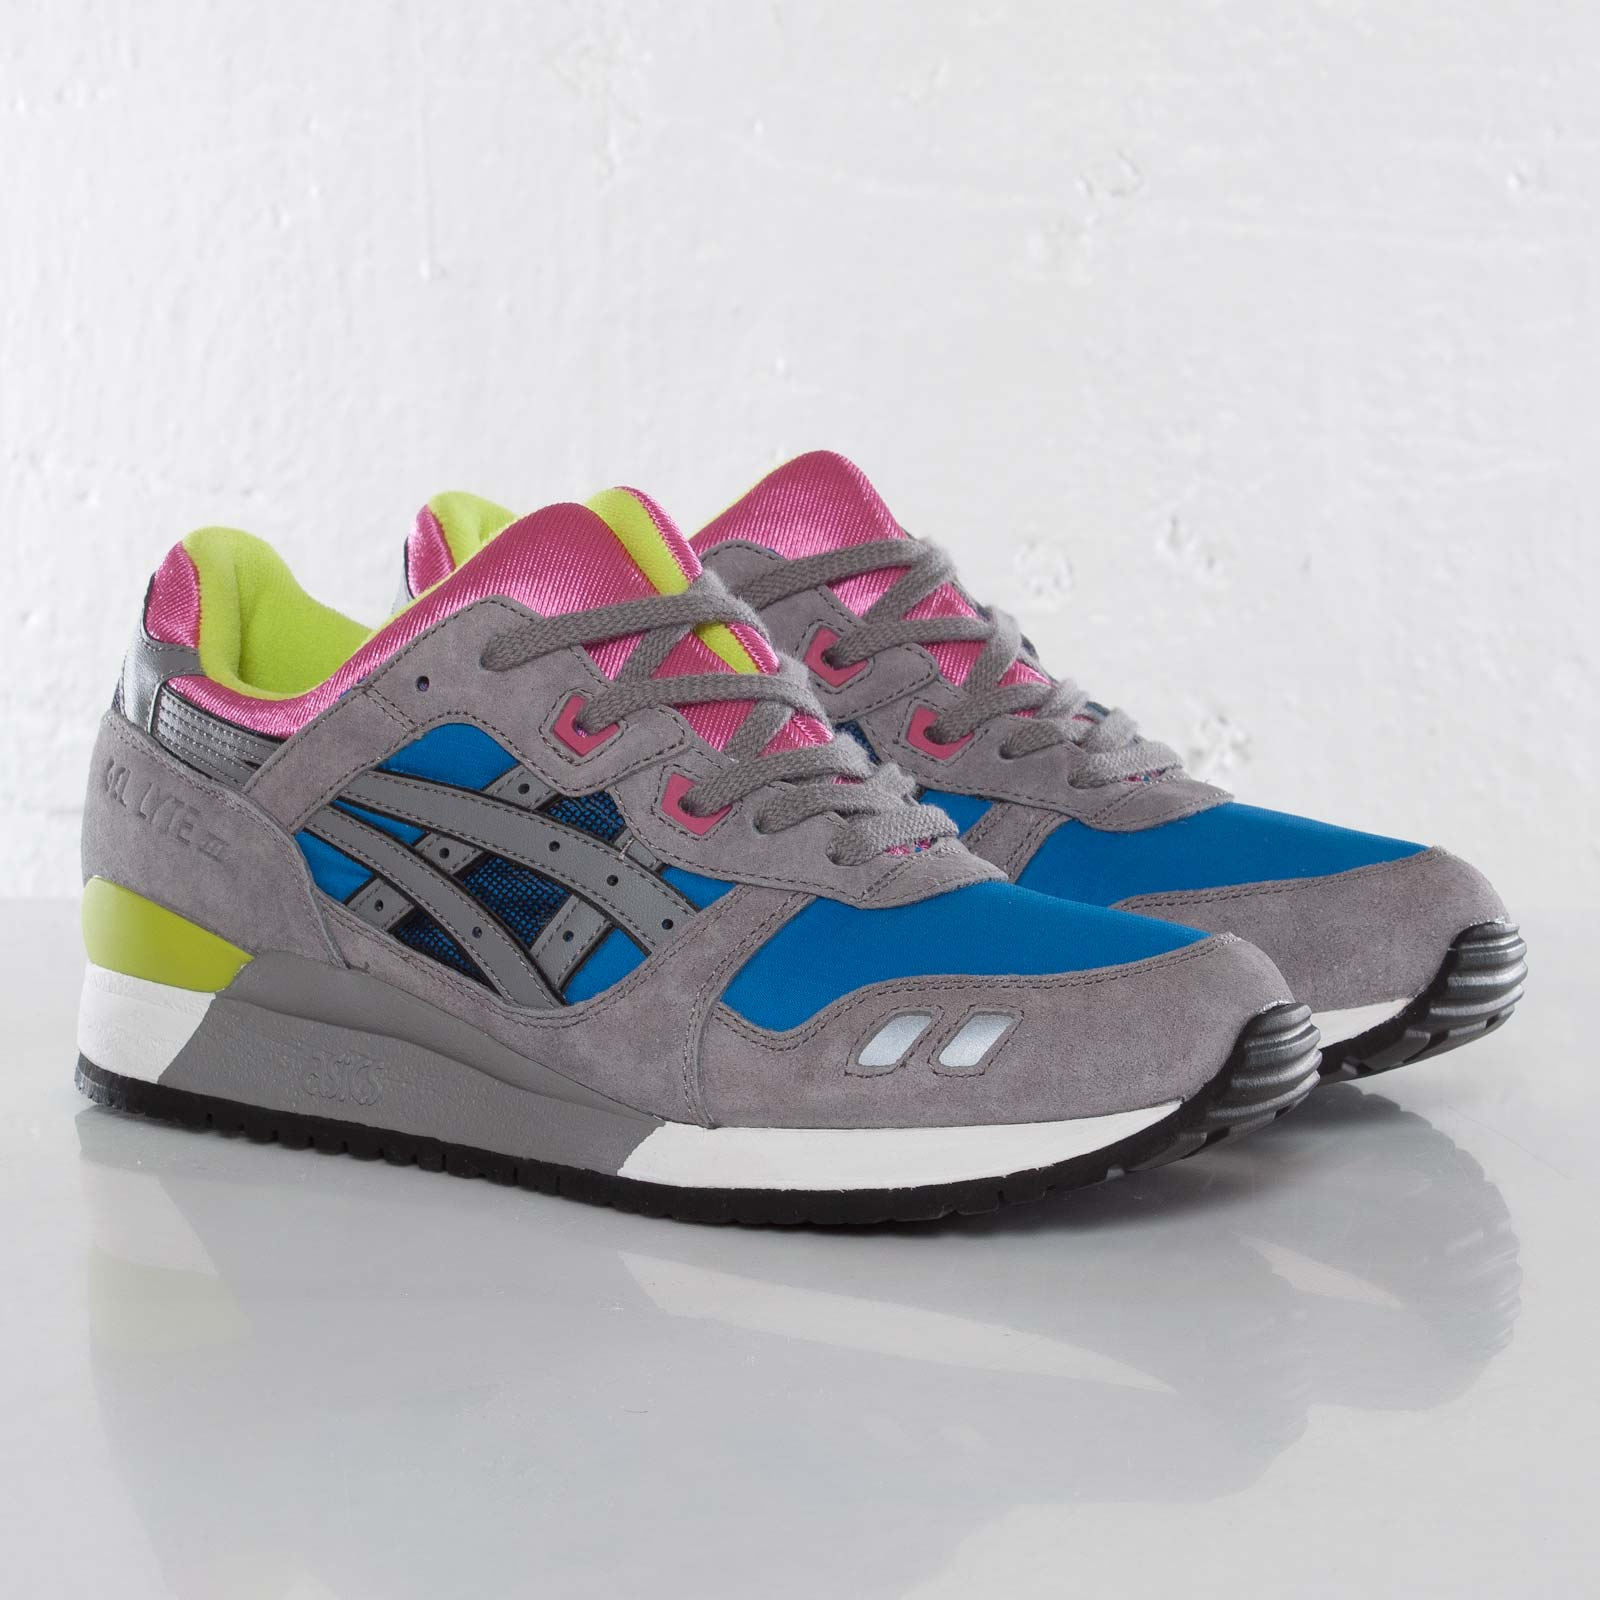 shopping price reduced fantastic savings ASICS Gel-Lyte III - Hk538-4211 - Sneakersnstuff   sneakers ...